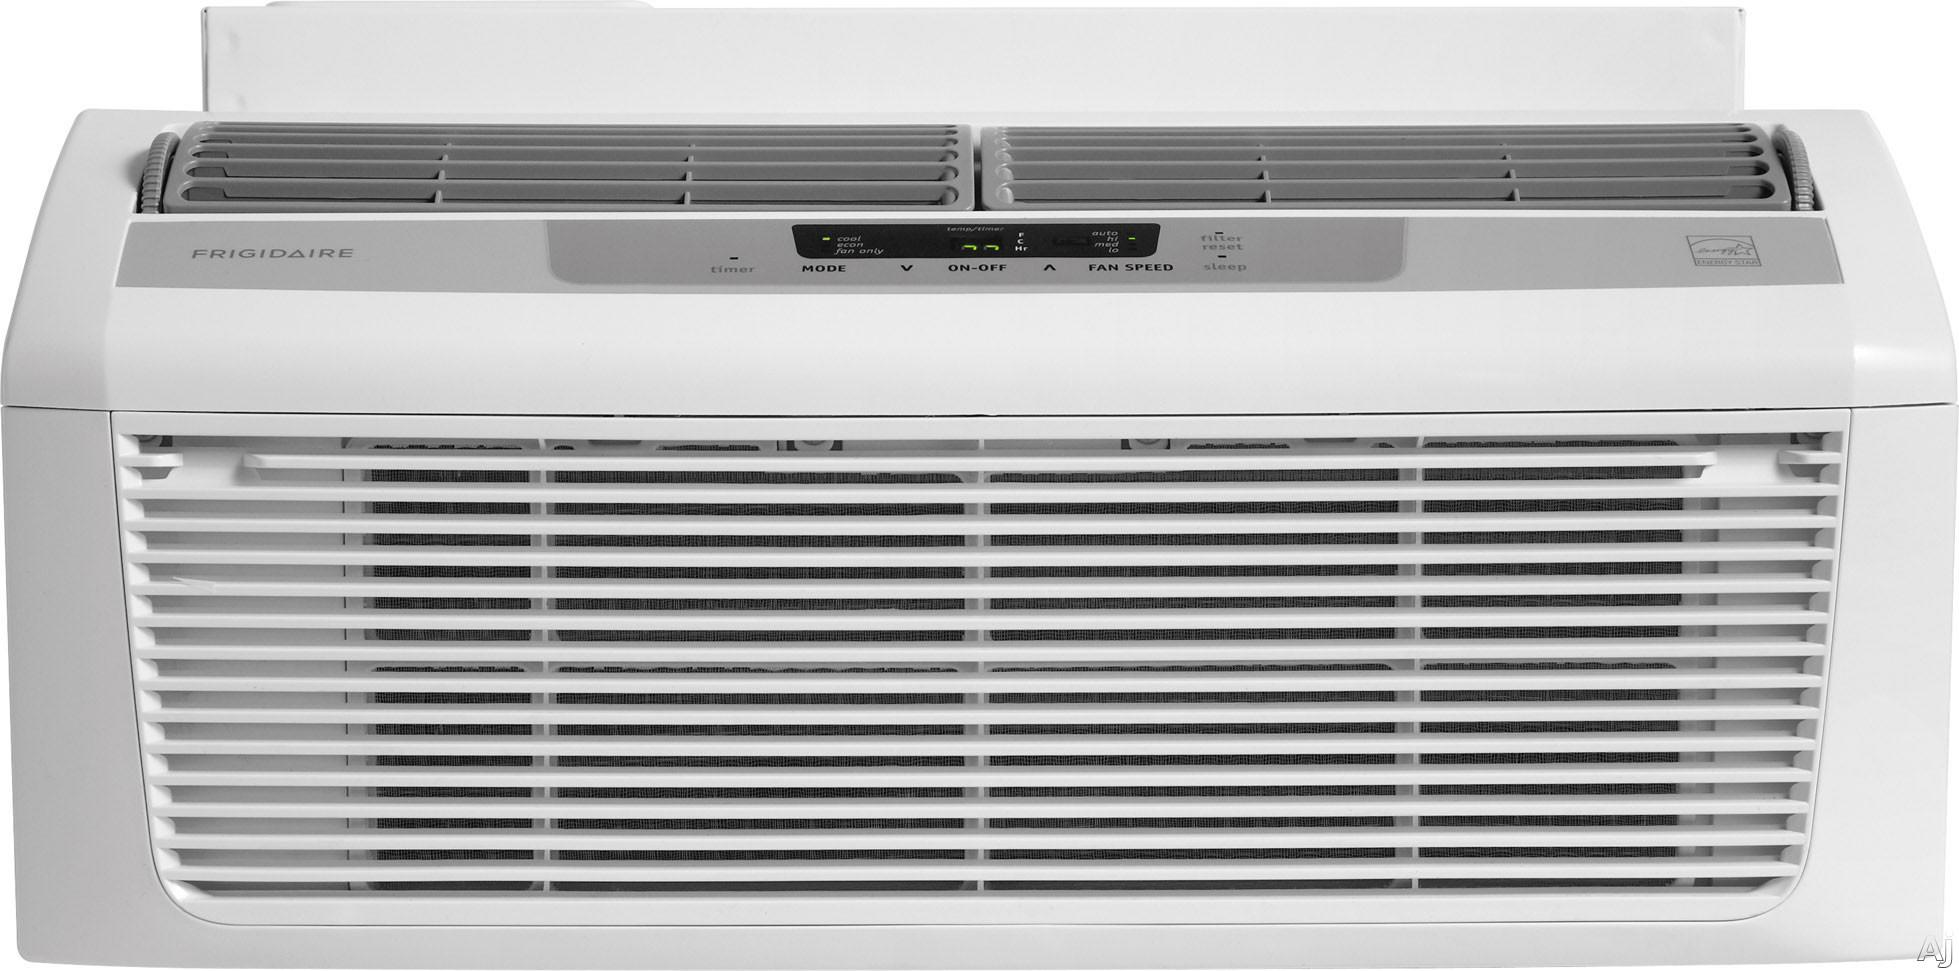 Frigidaire Ffrl0633q1 6 000 Btu Low Profile Window Air